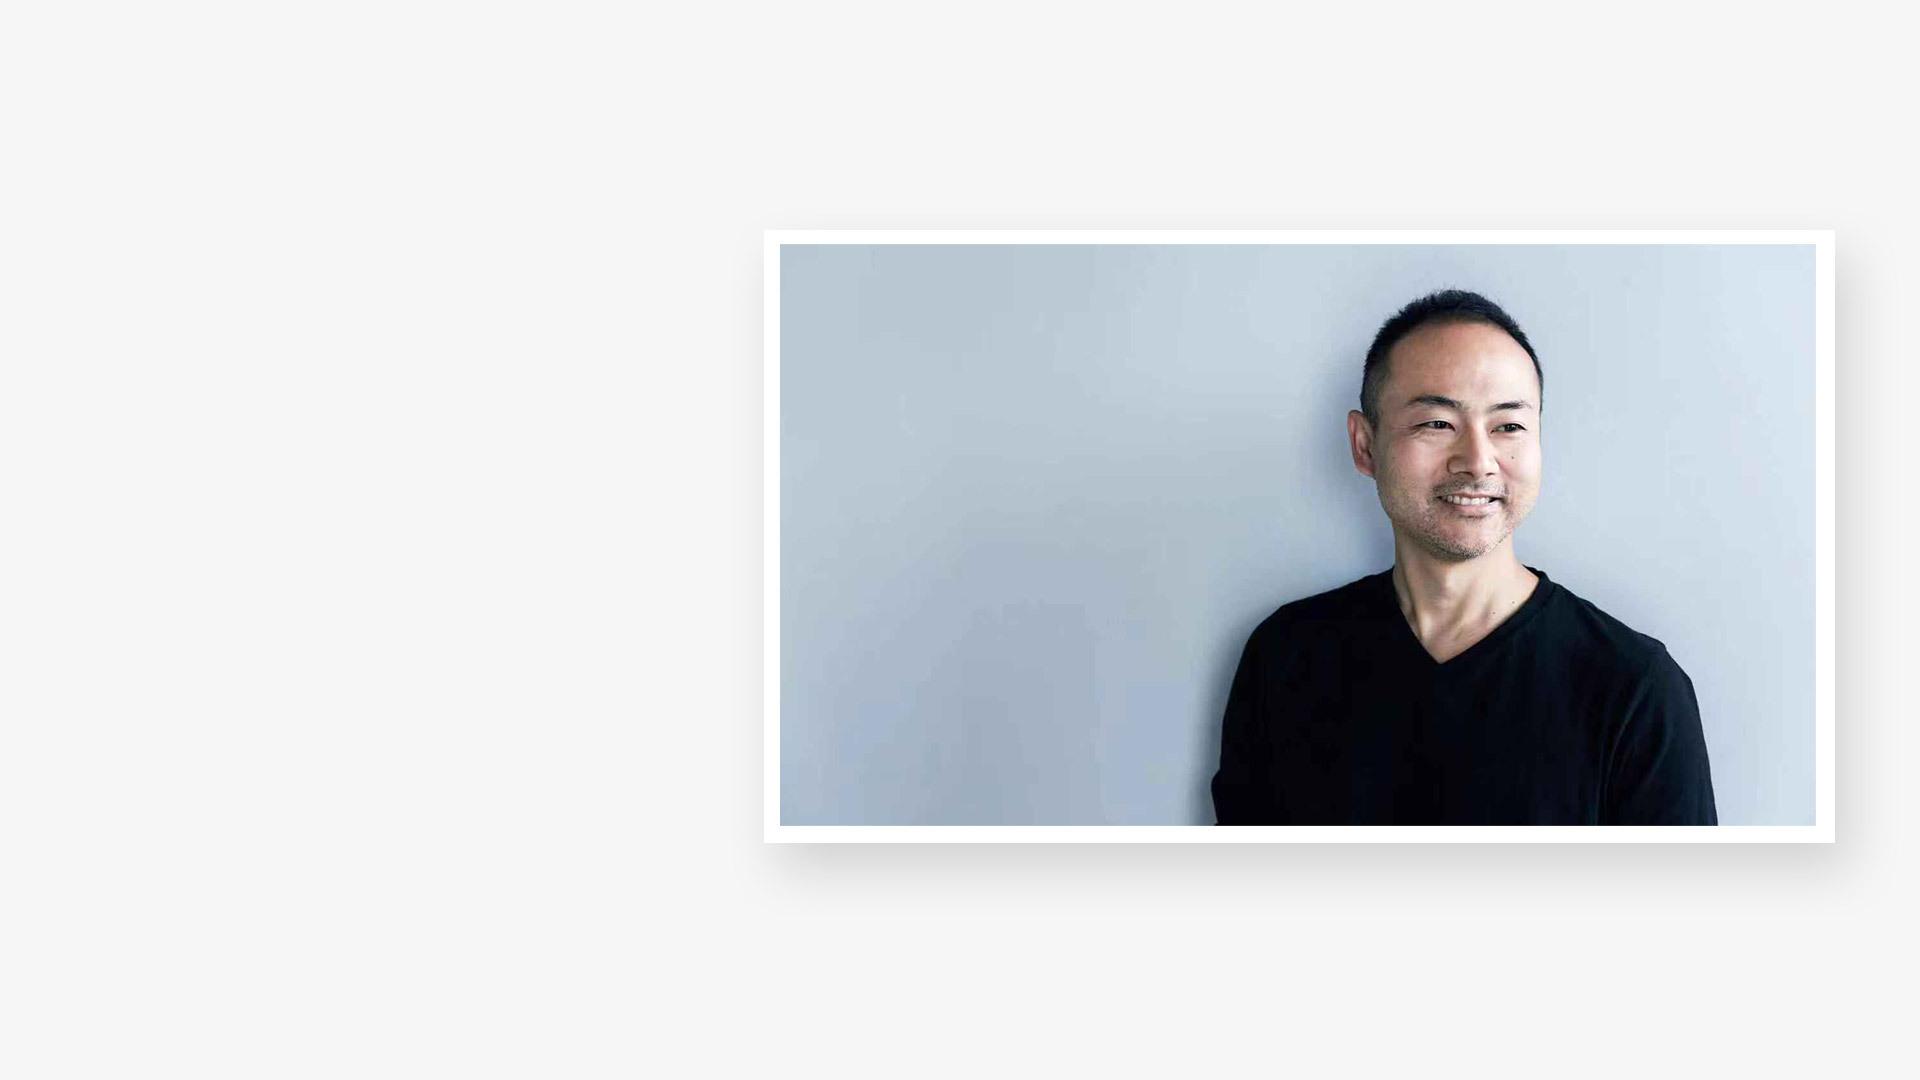 日本影响力设计大师<br/>擅以传统物作创作现代设计